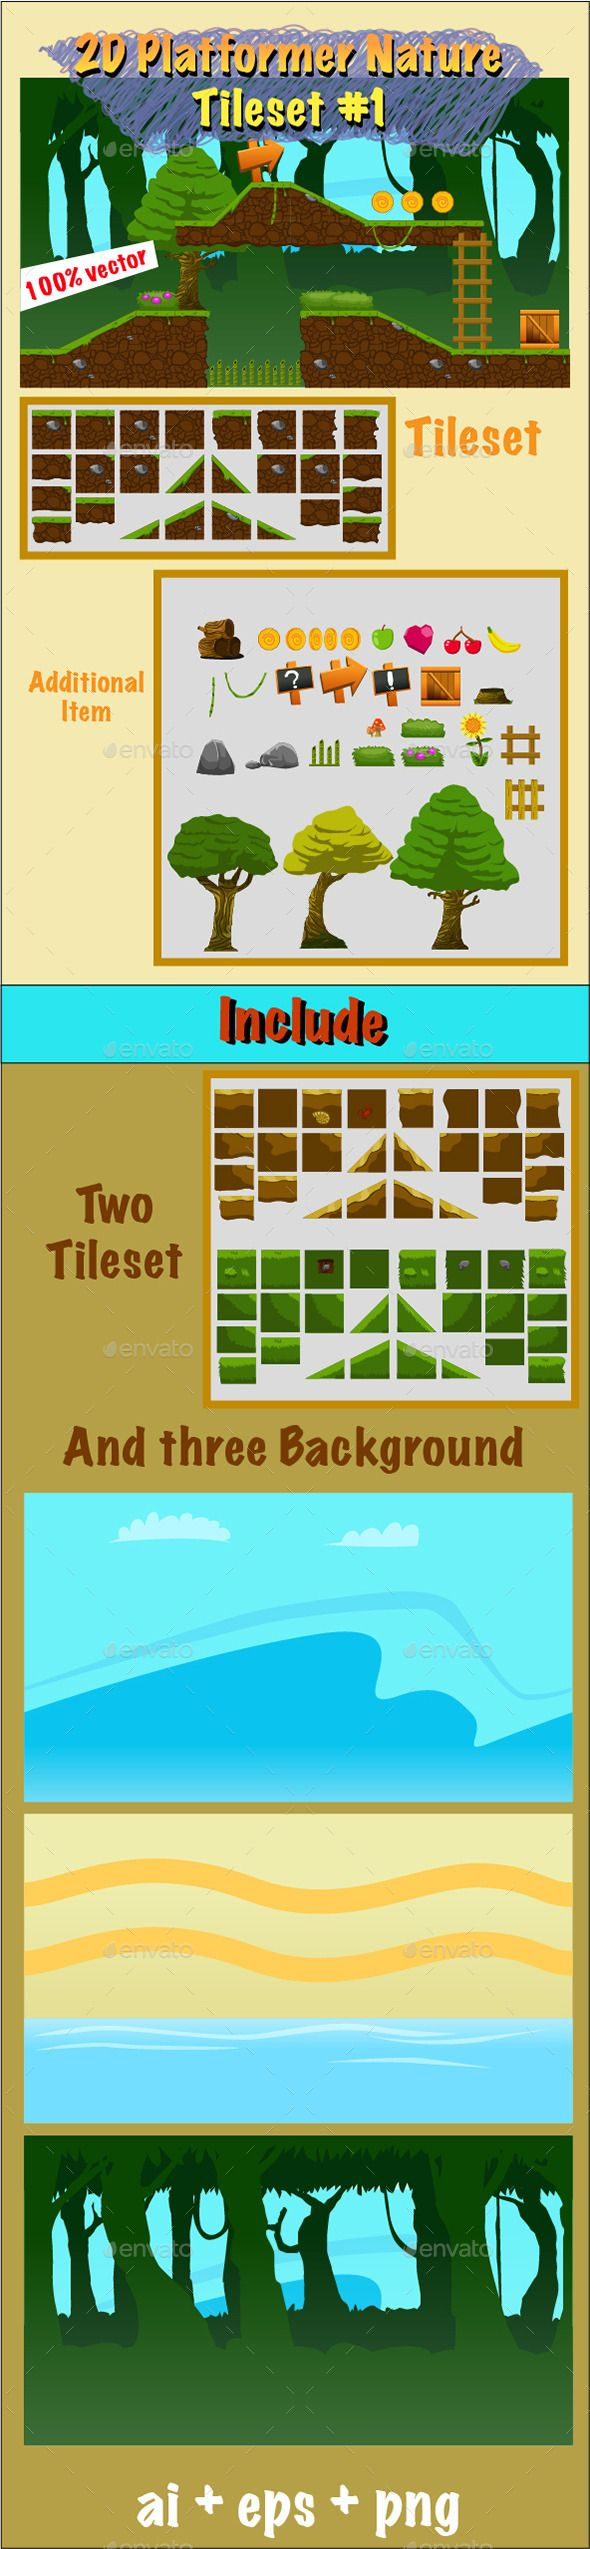 2D Platformer Nature Tileset #1 (Tilesets) | Game Assets